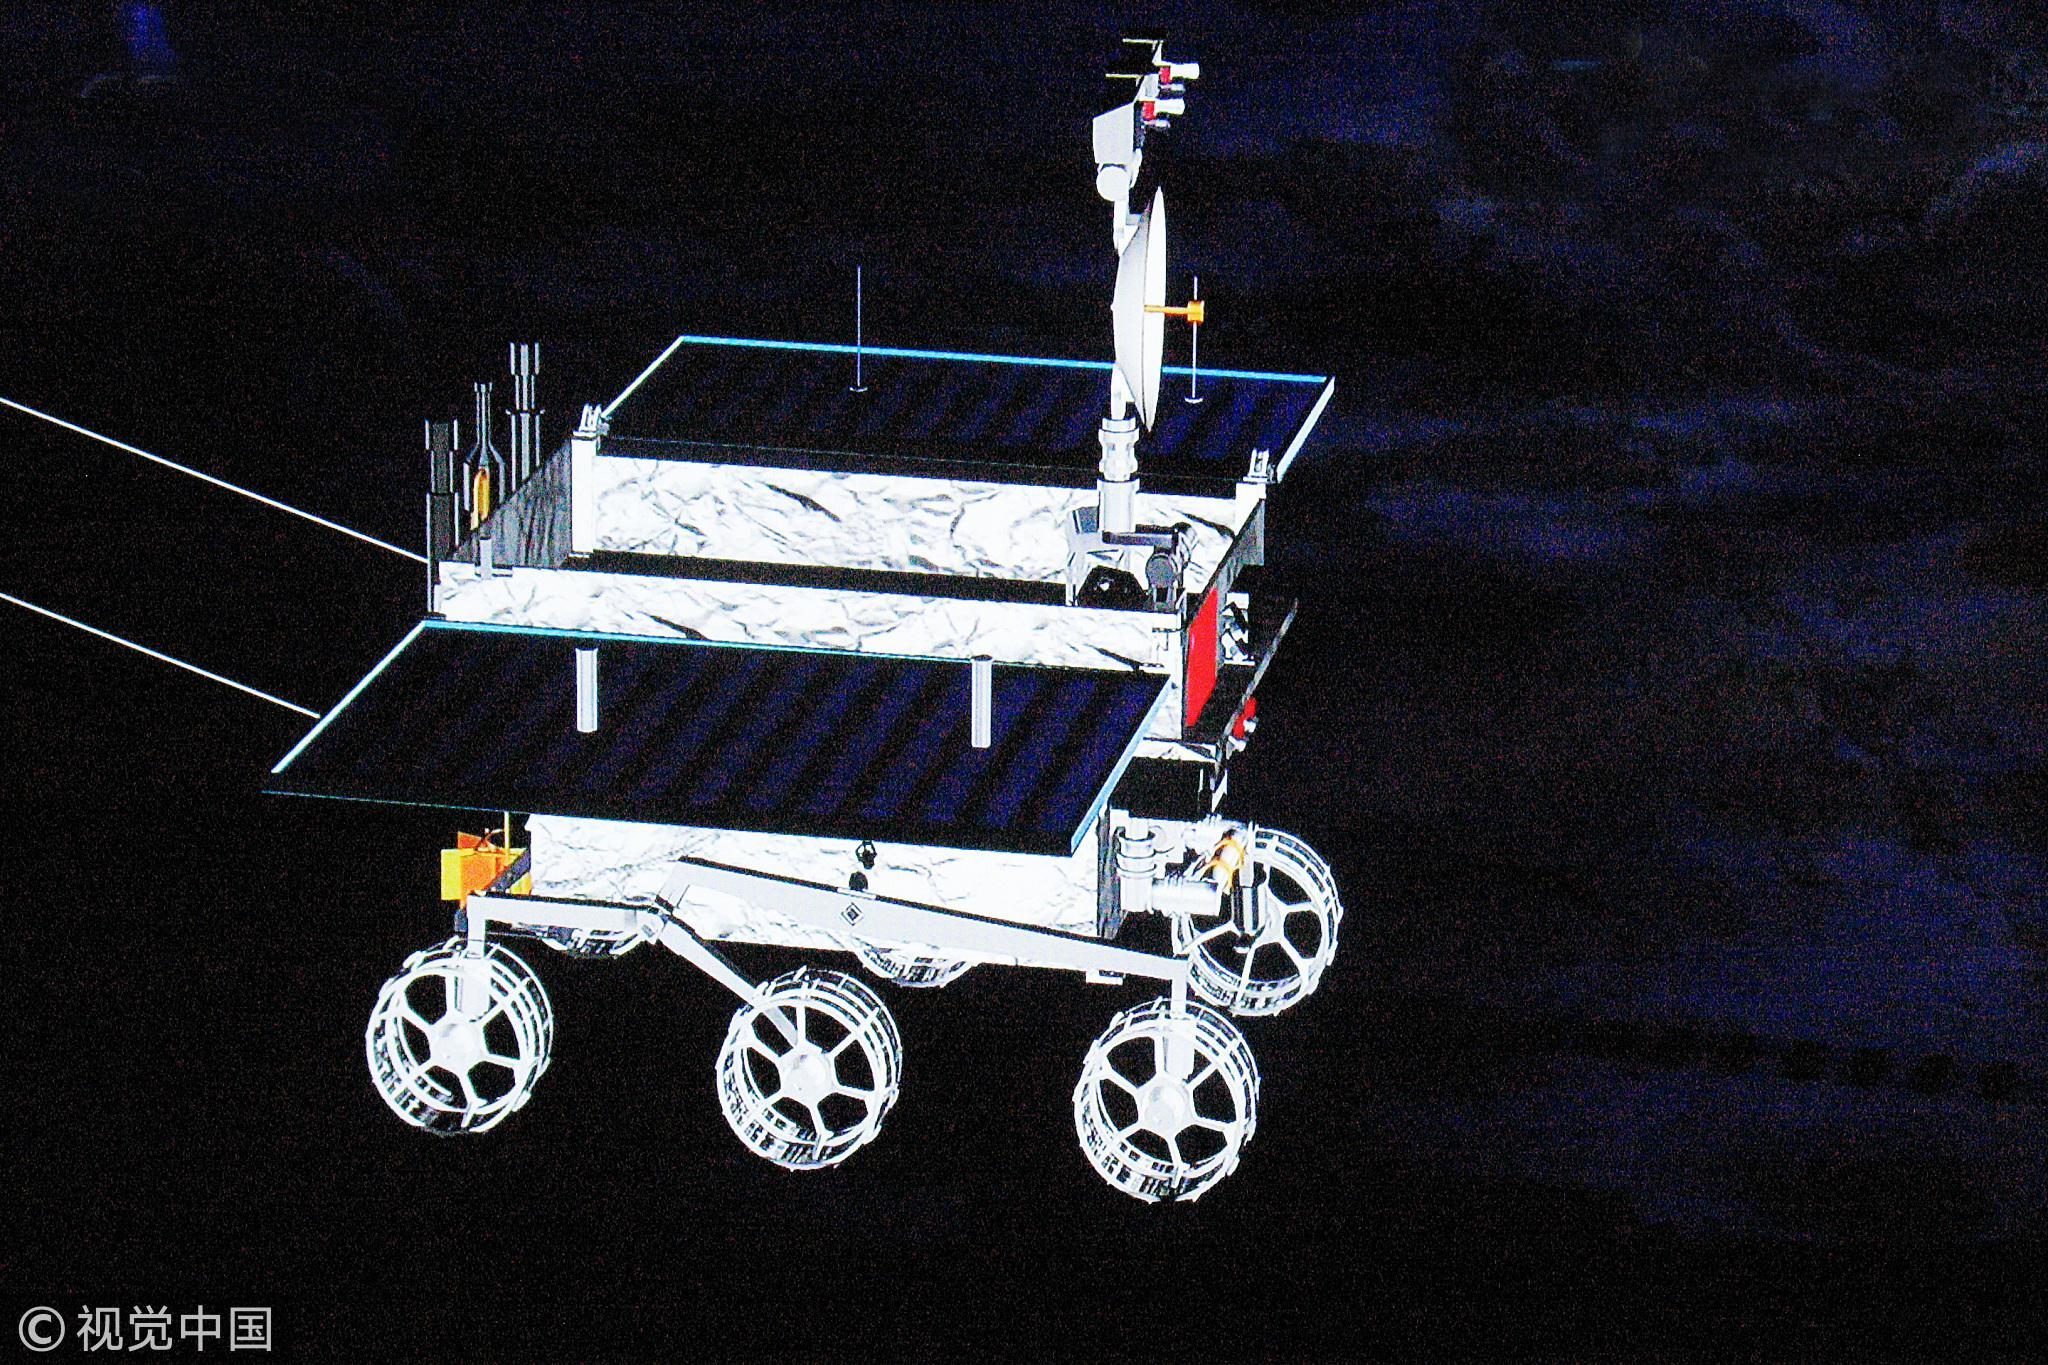 """巡视器""""玉兔号""""月球车在月夜准备休眠模拟动画示意图。/视觉中国"""